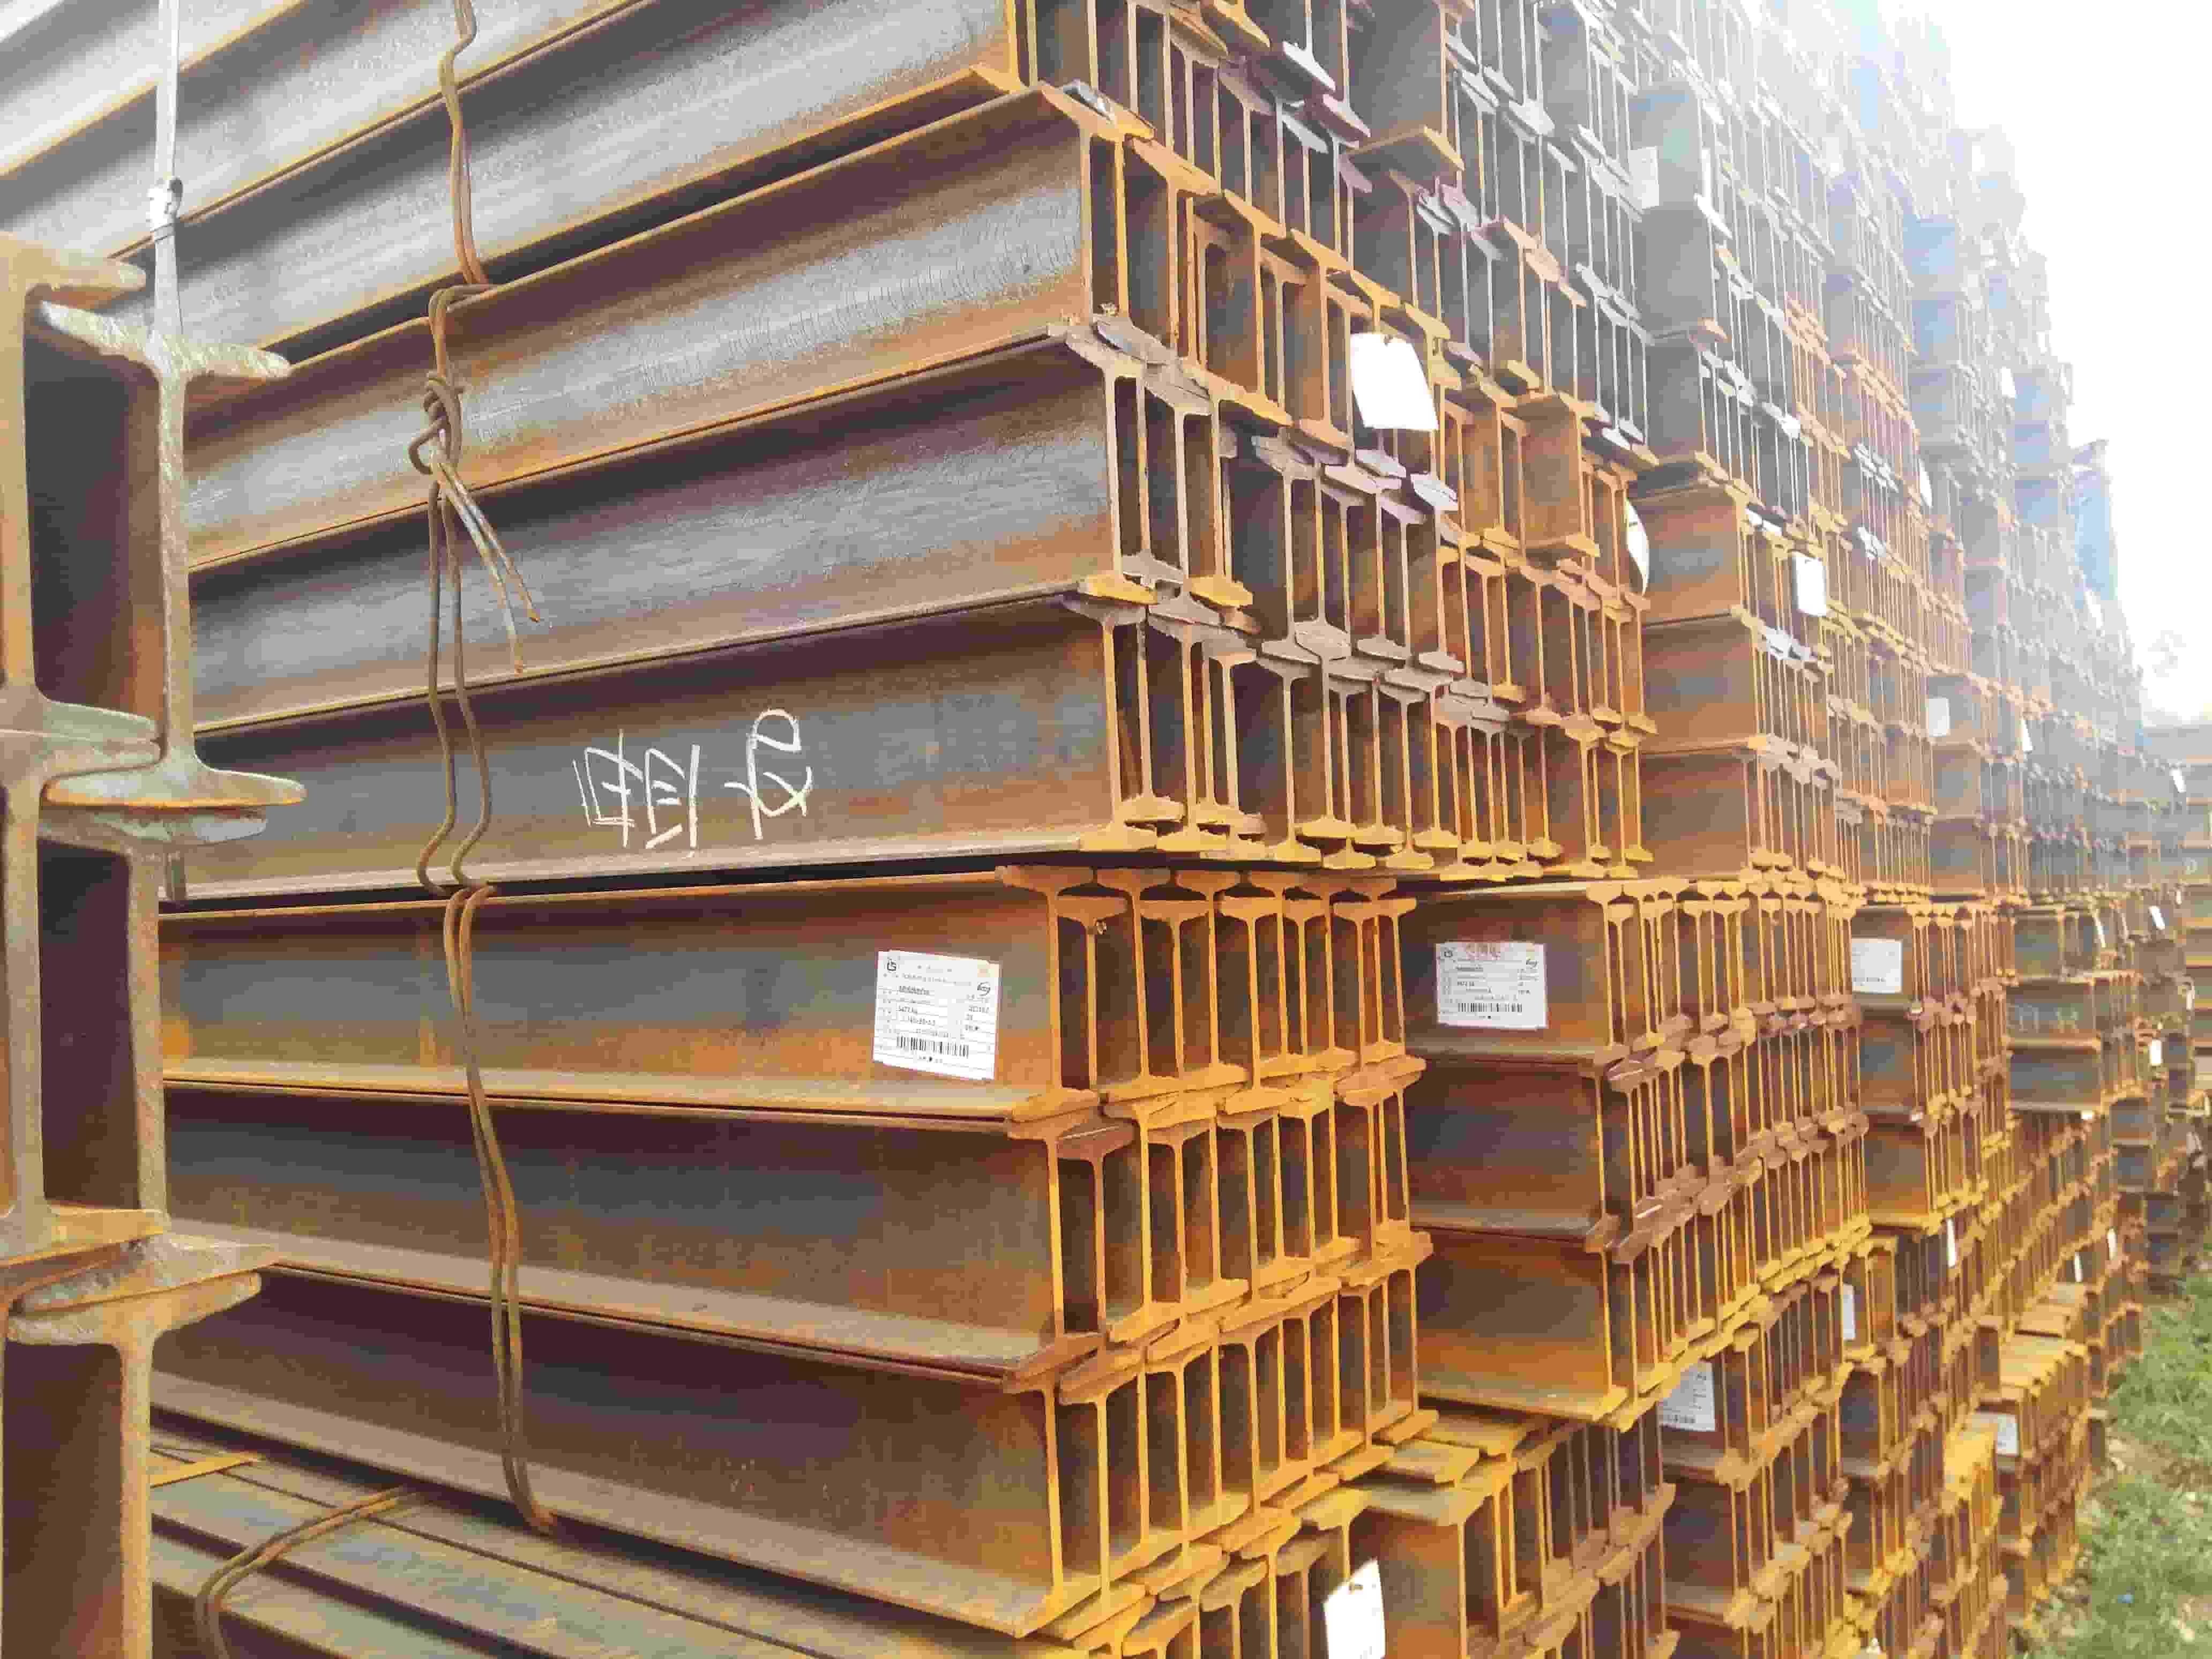 云南工字钢厂家供应 以客为尊 云南贸轩商贸供应